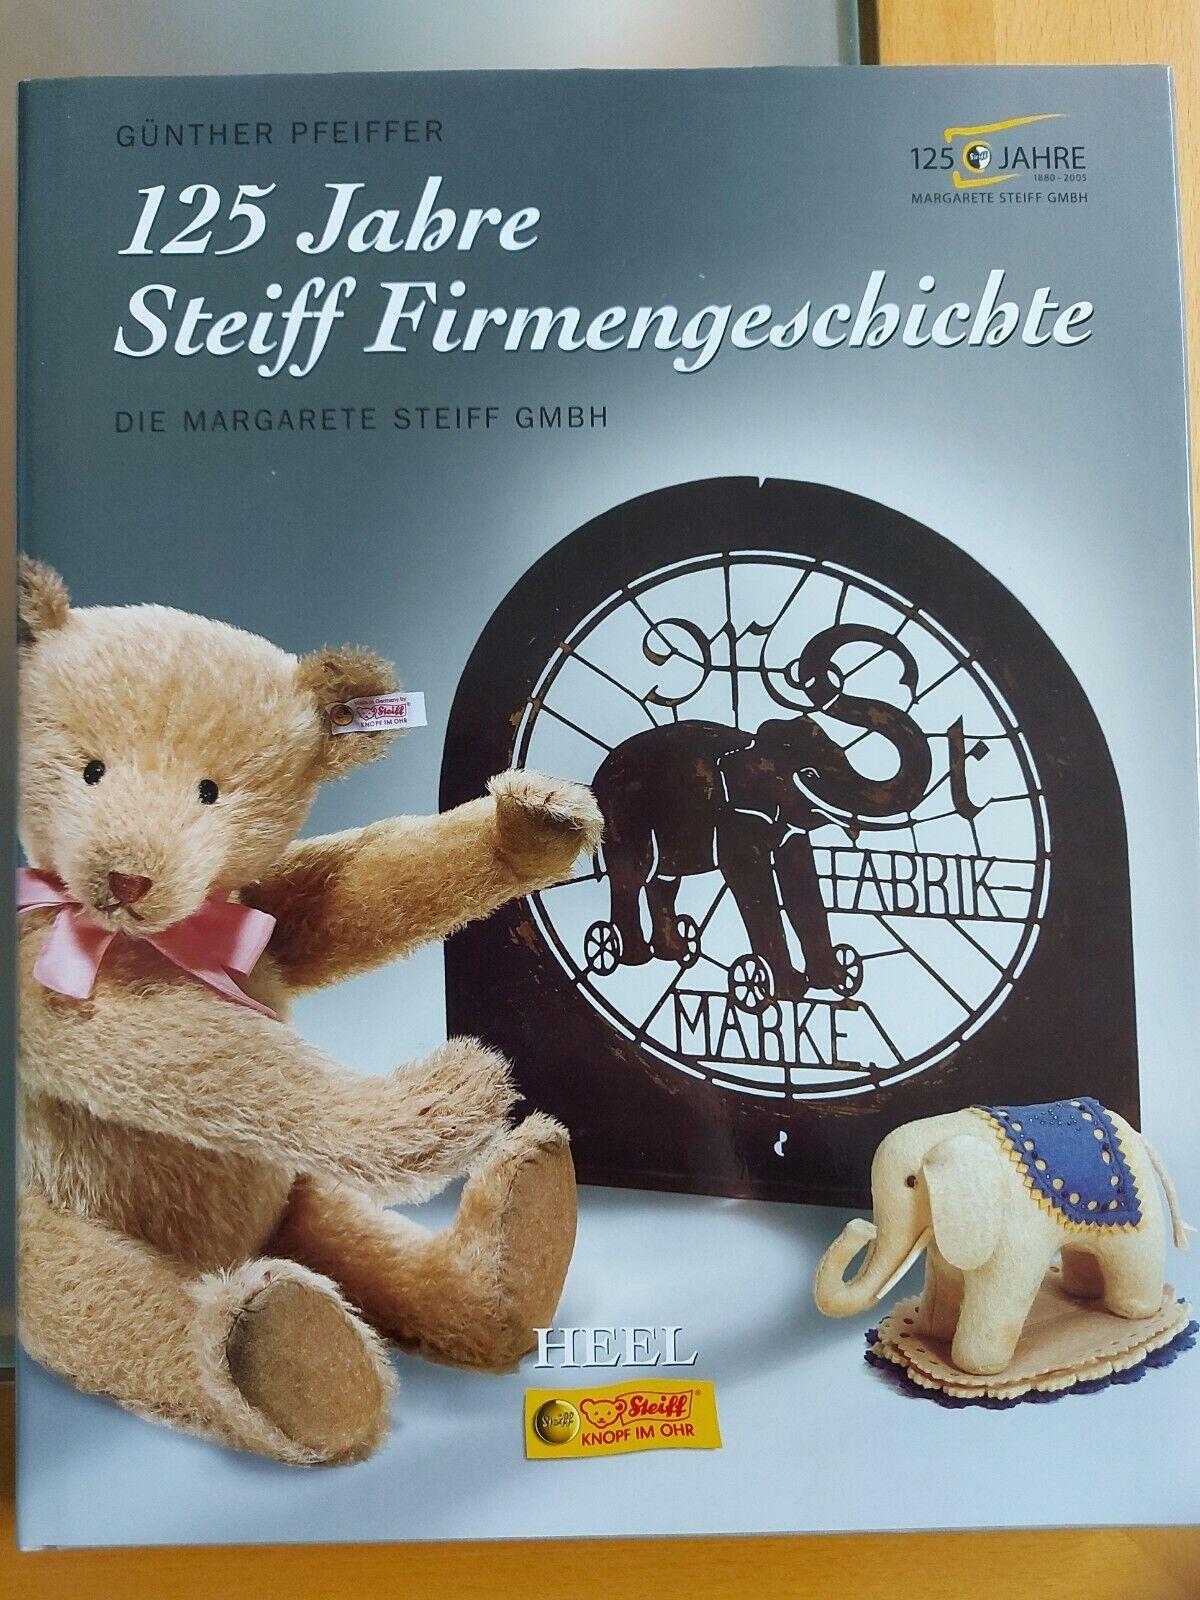 125 Jahre Steiff Firmengeschichte: Die Margarete Steiff GmbH  3898803872 - Günther Pfeiffer